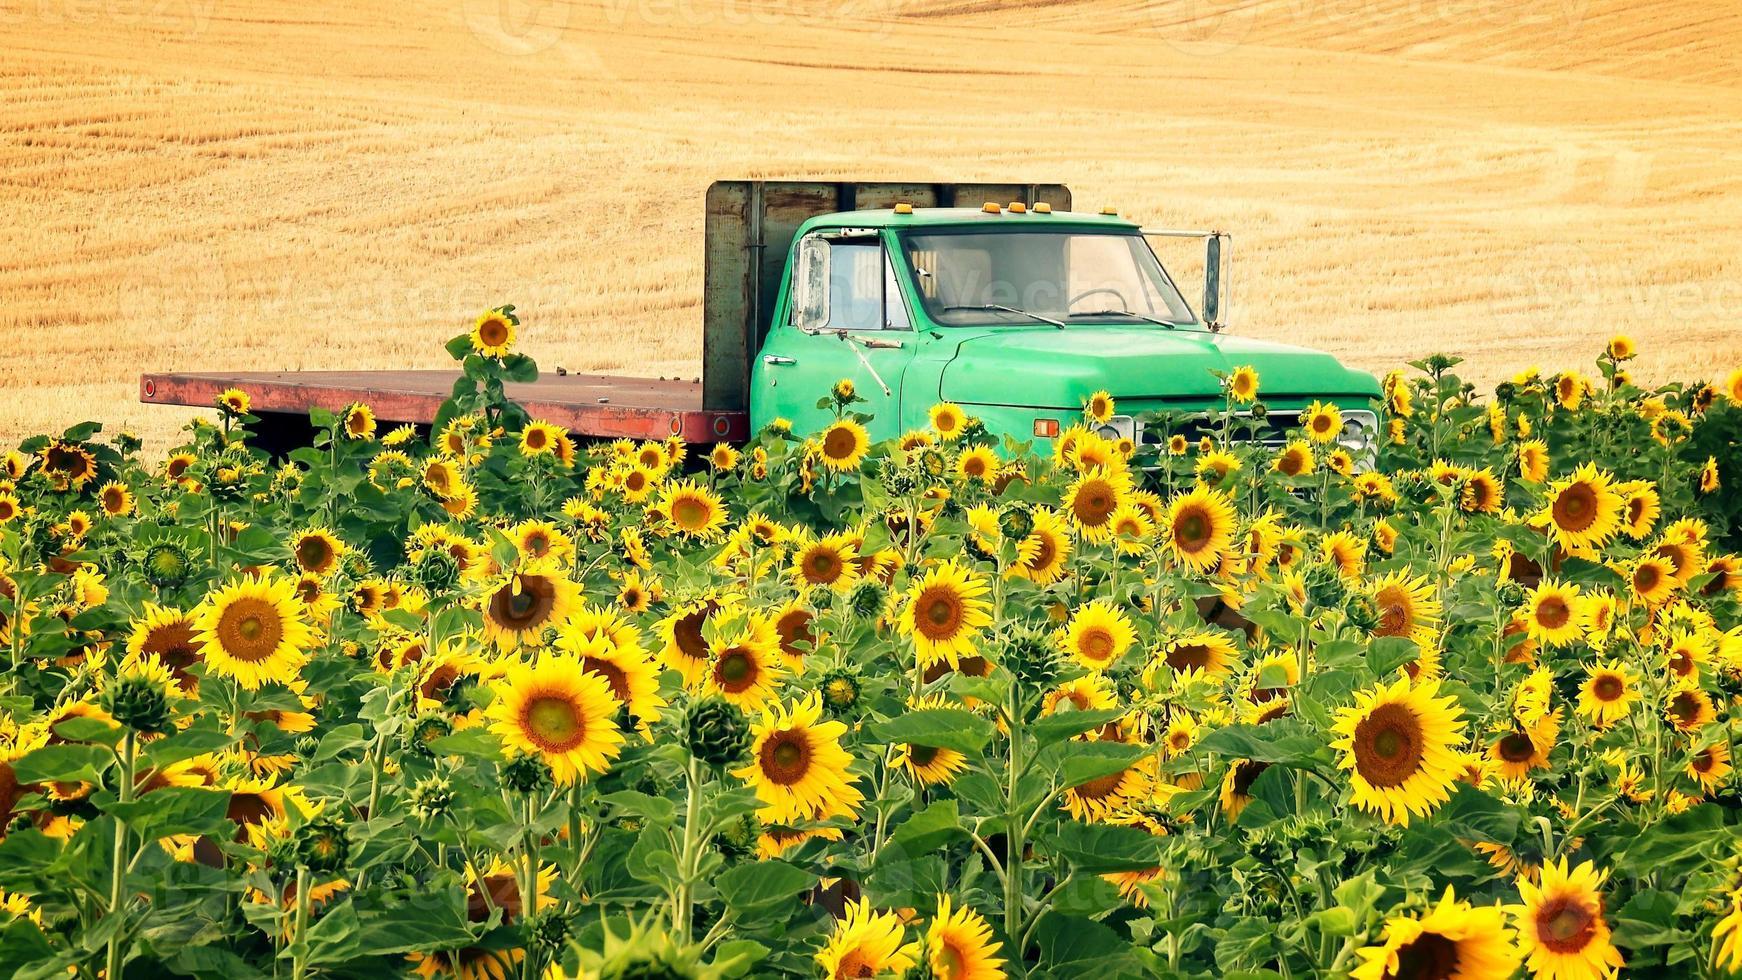 caminhão agrícola cama plana no campo de girassóis foto